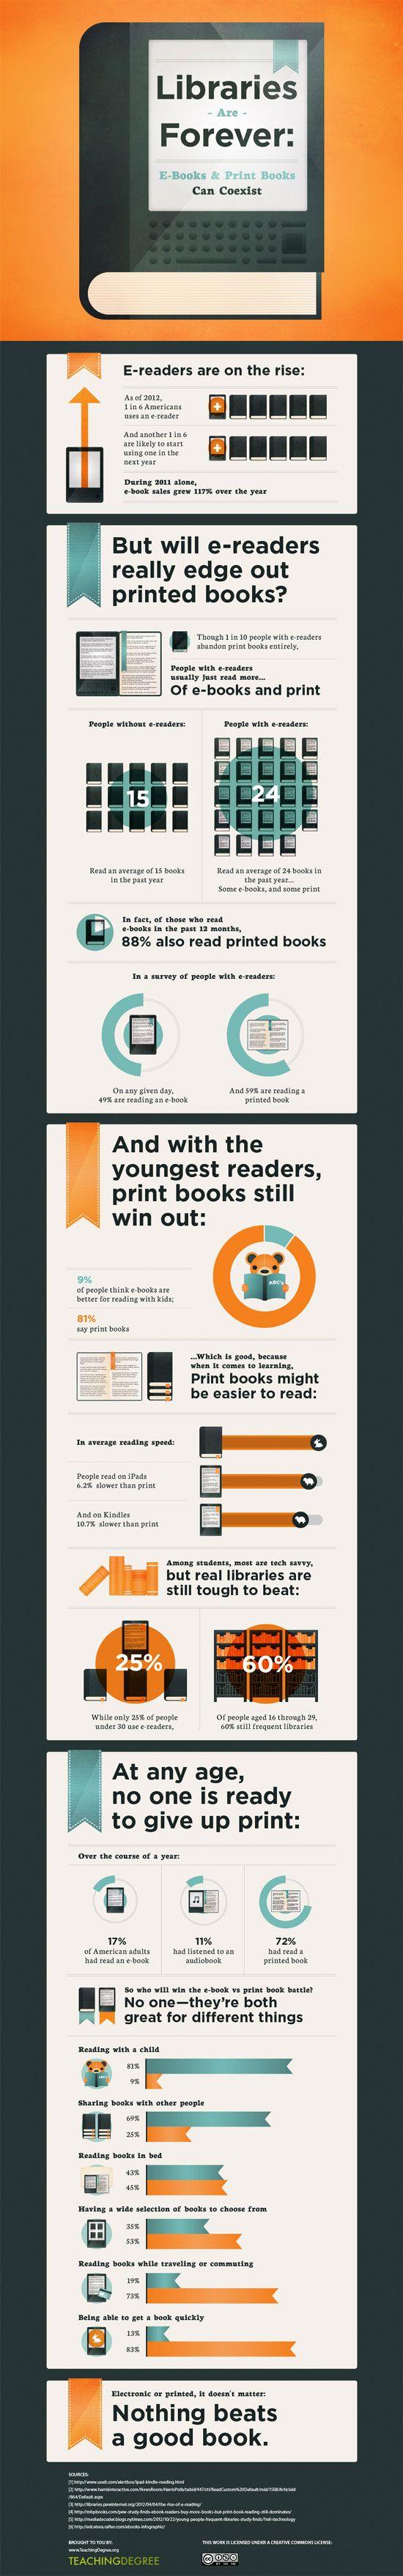 Print vs ebook infographic